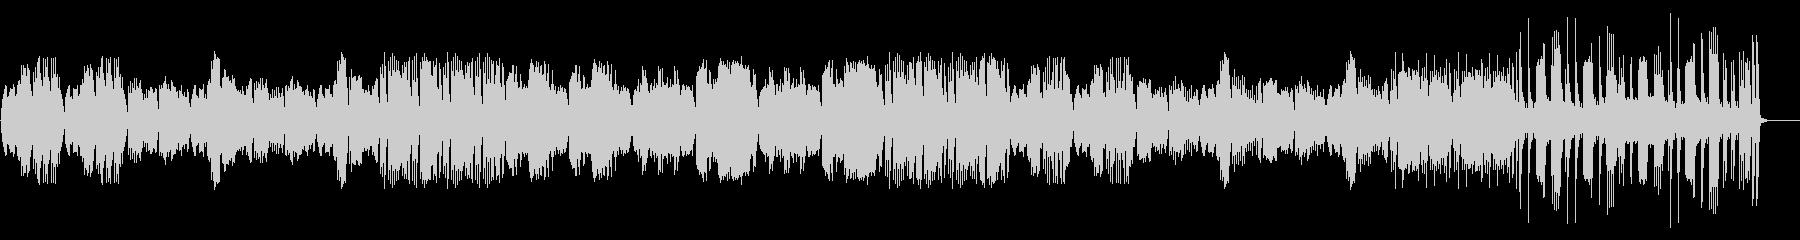 トルコ行進曲/ モーツァルト ピアノソロの未再生の波形